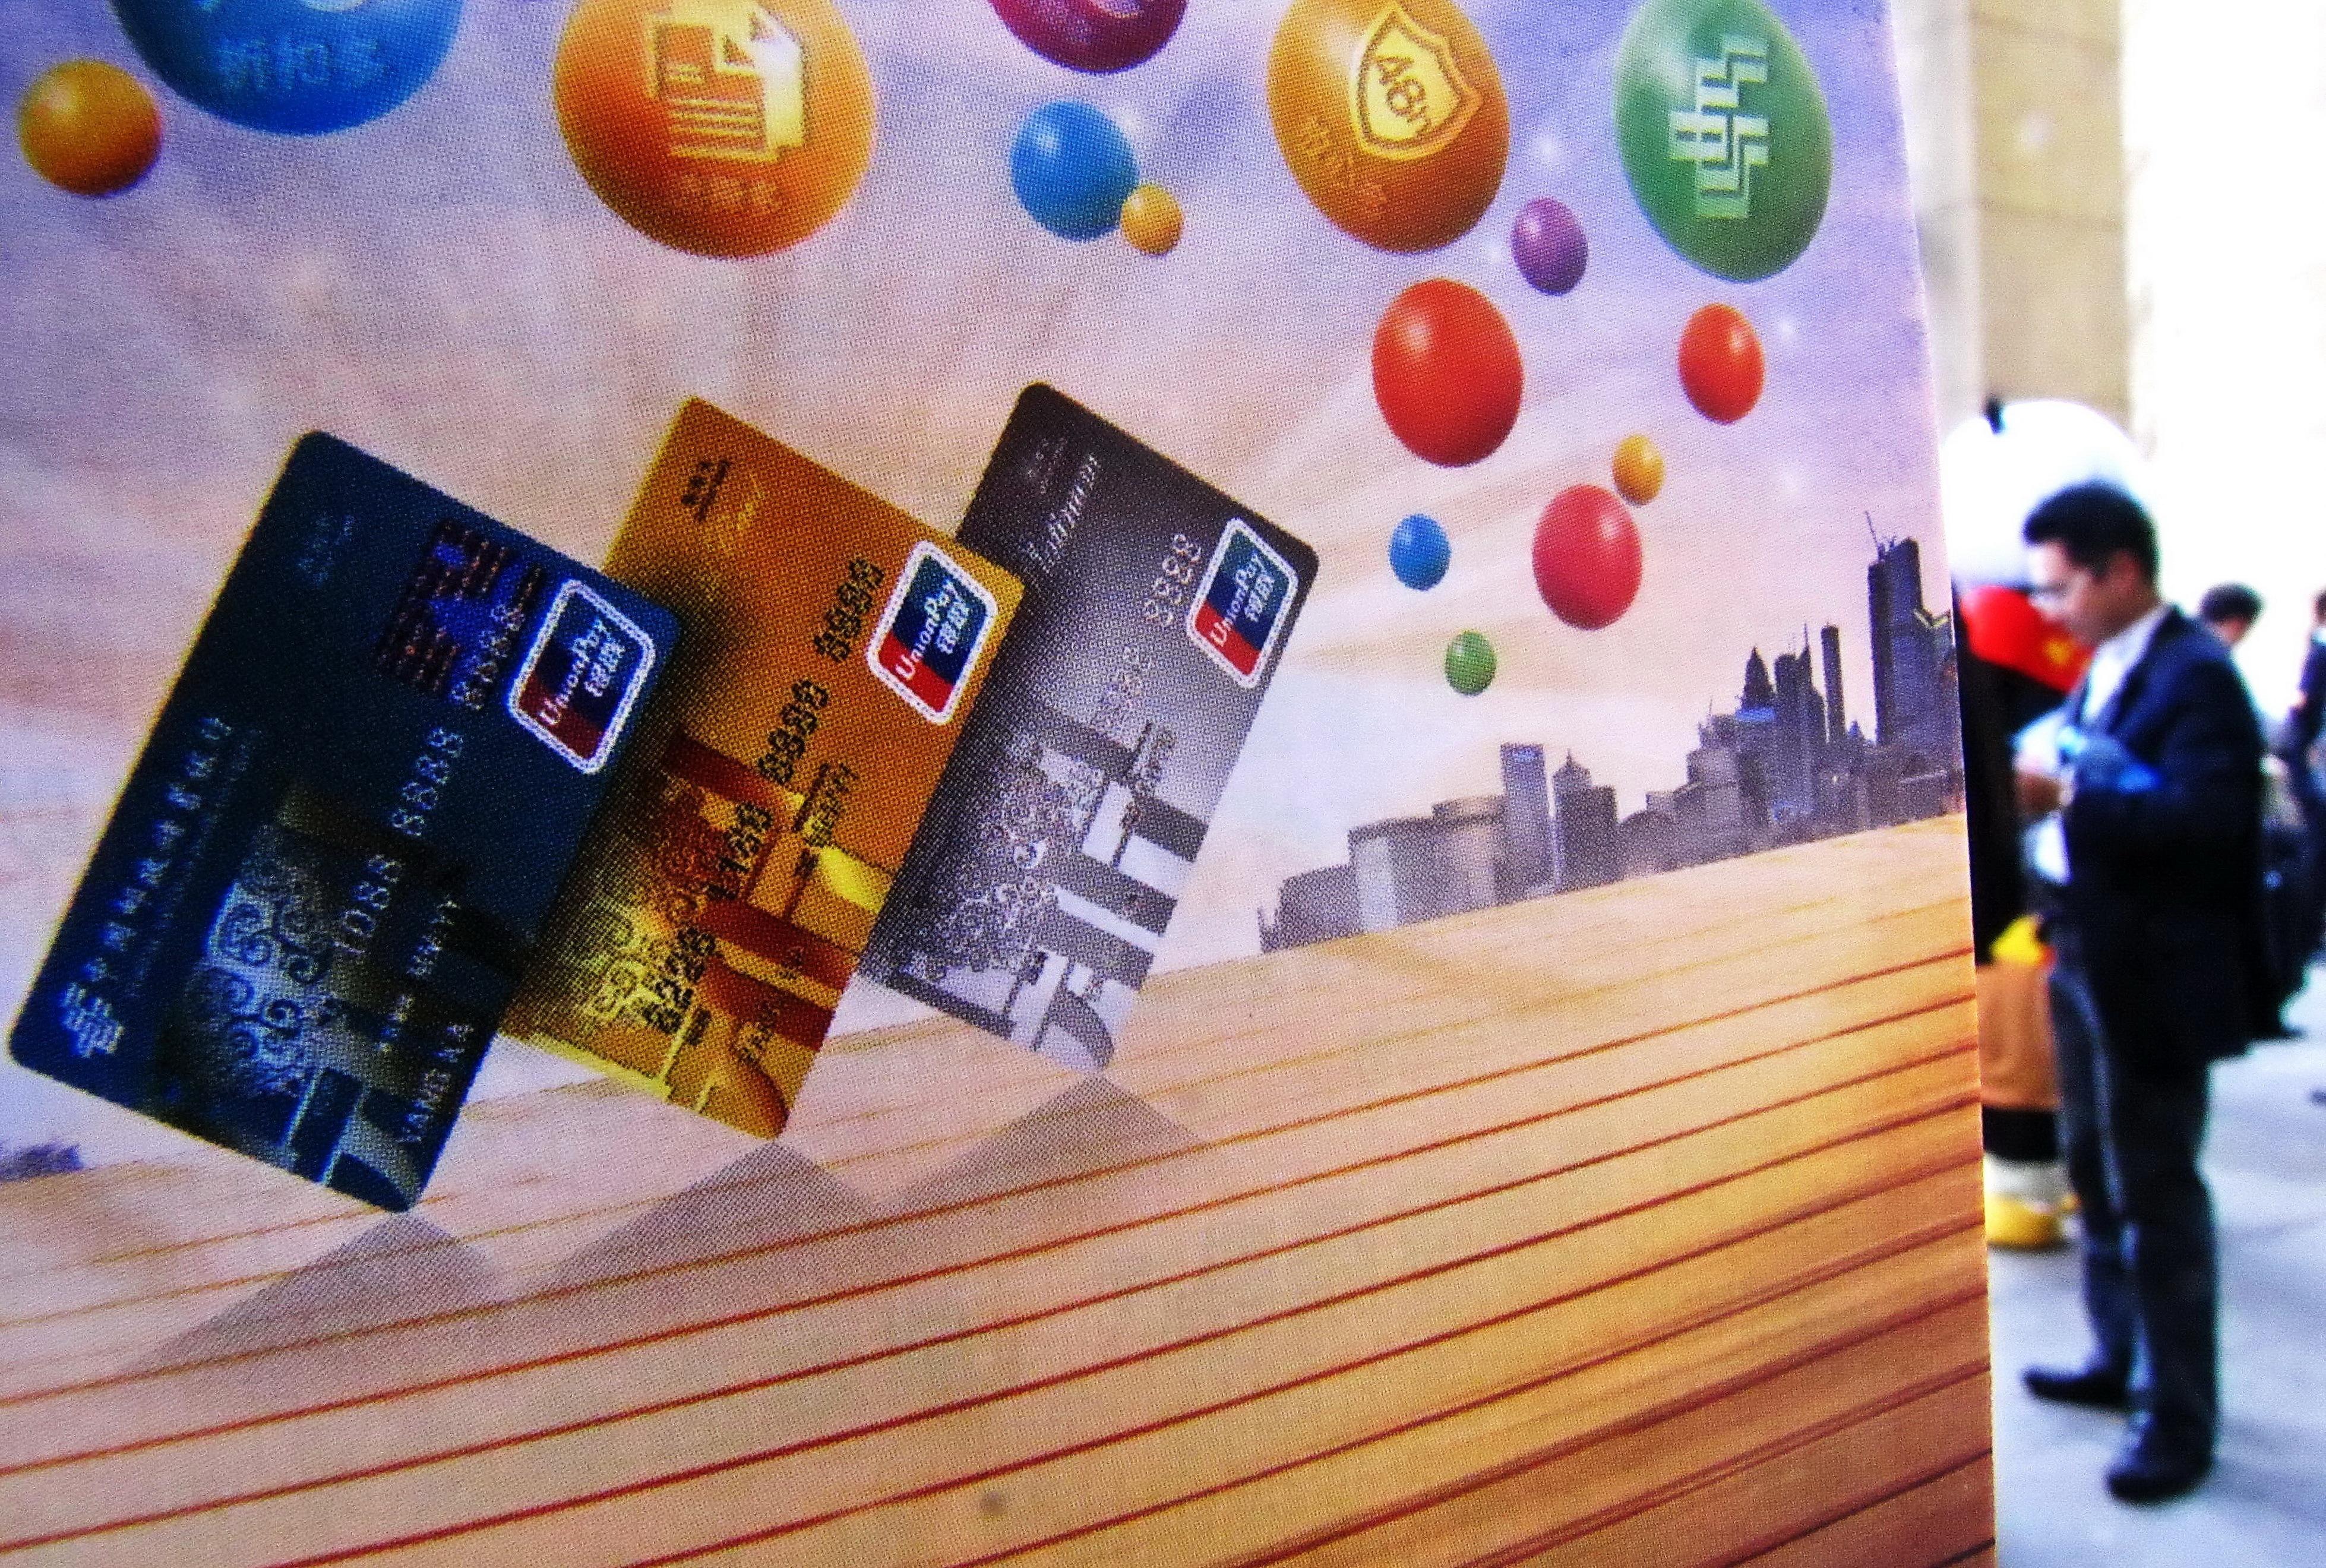 广发邮件警告,兴业又出新卡,浦发银行向用户致歉!